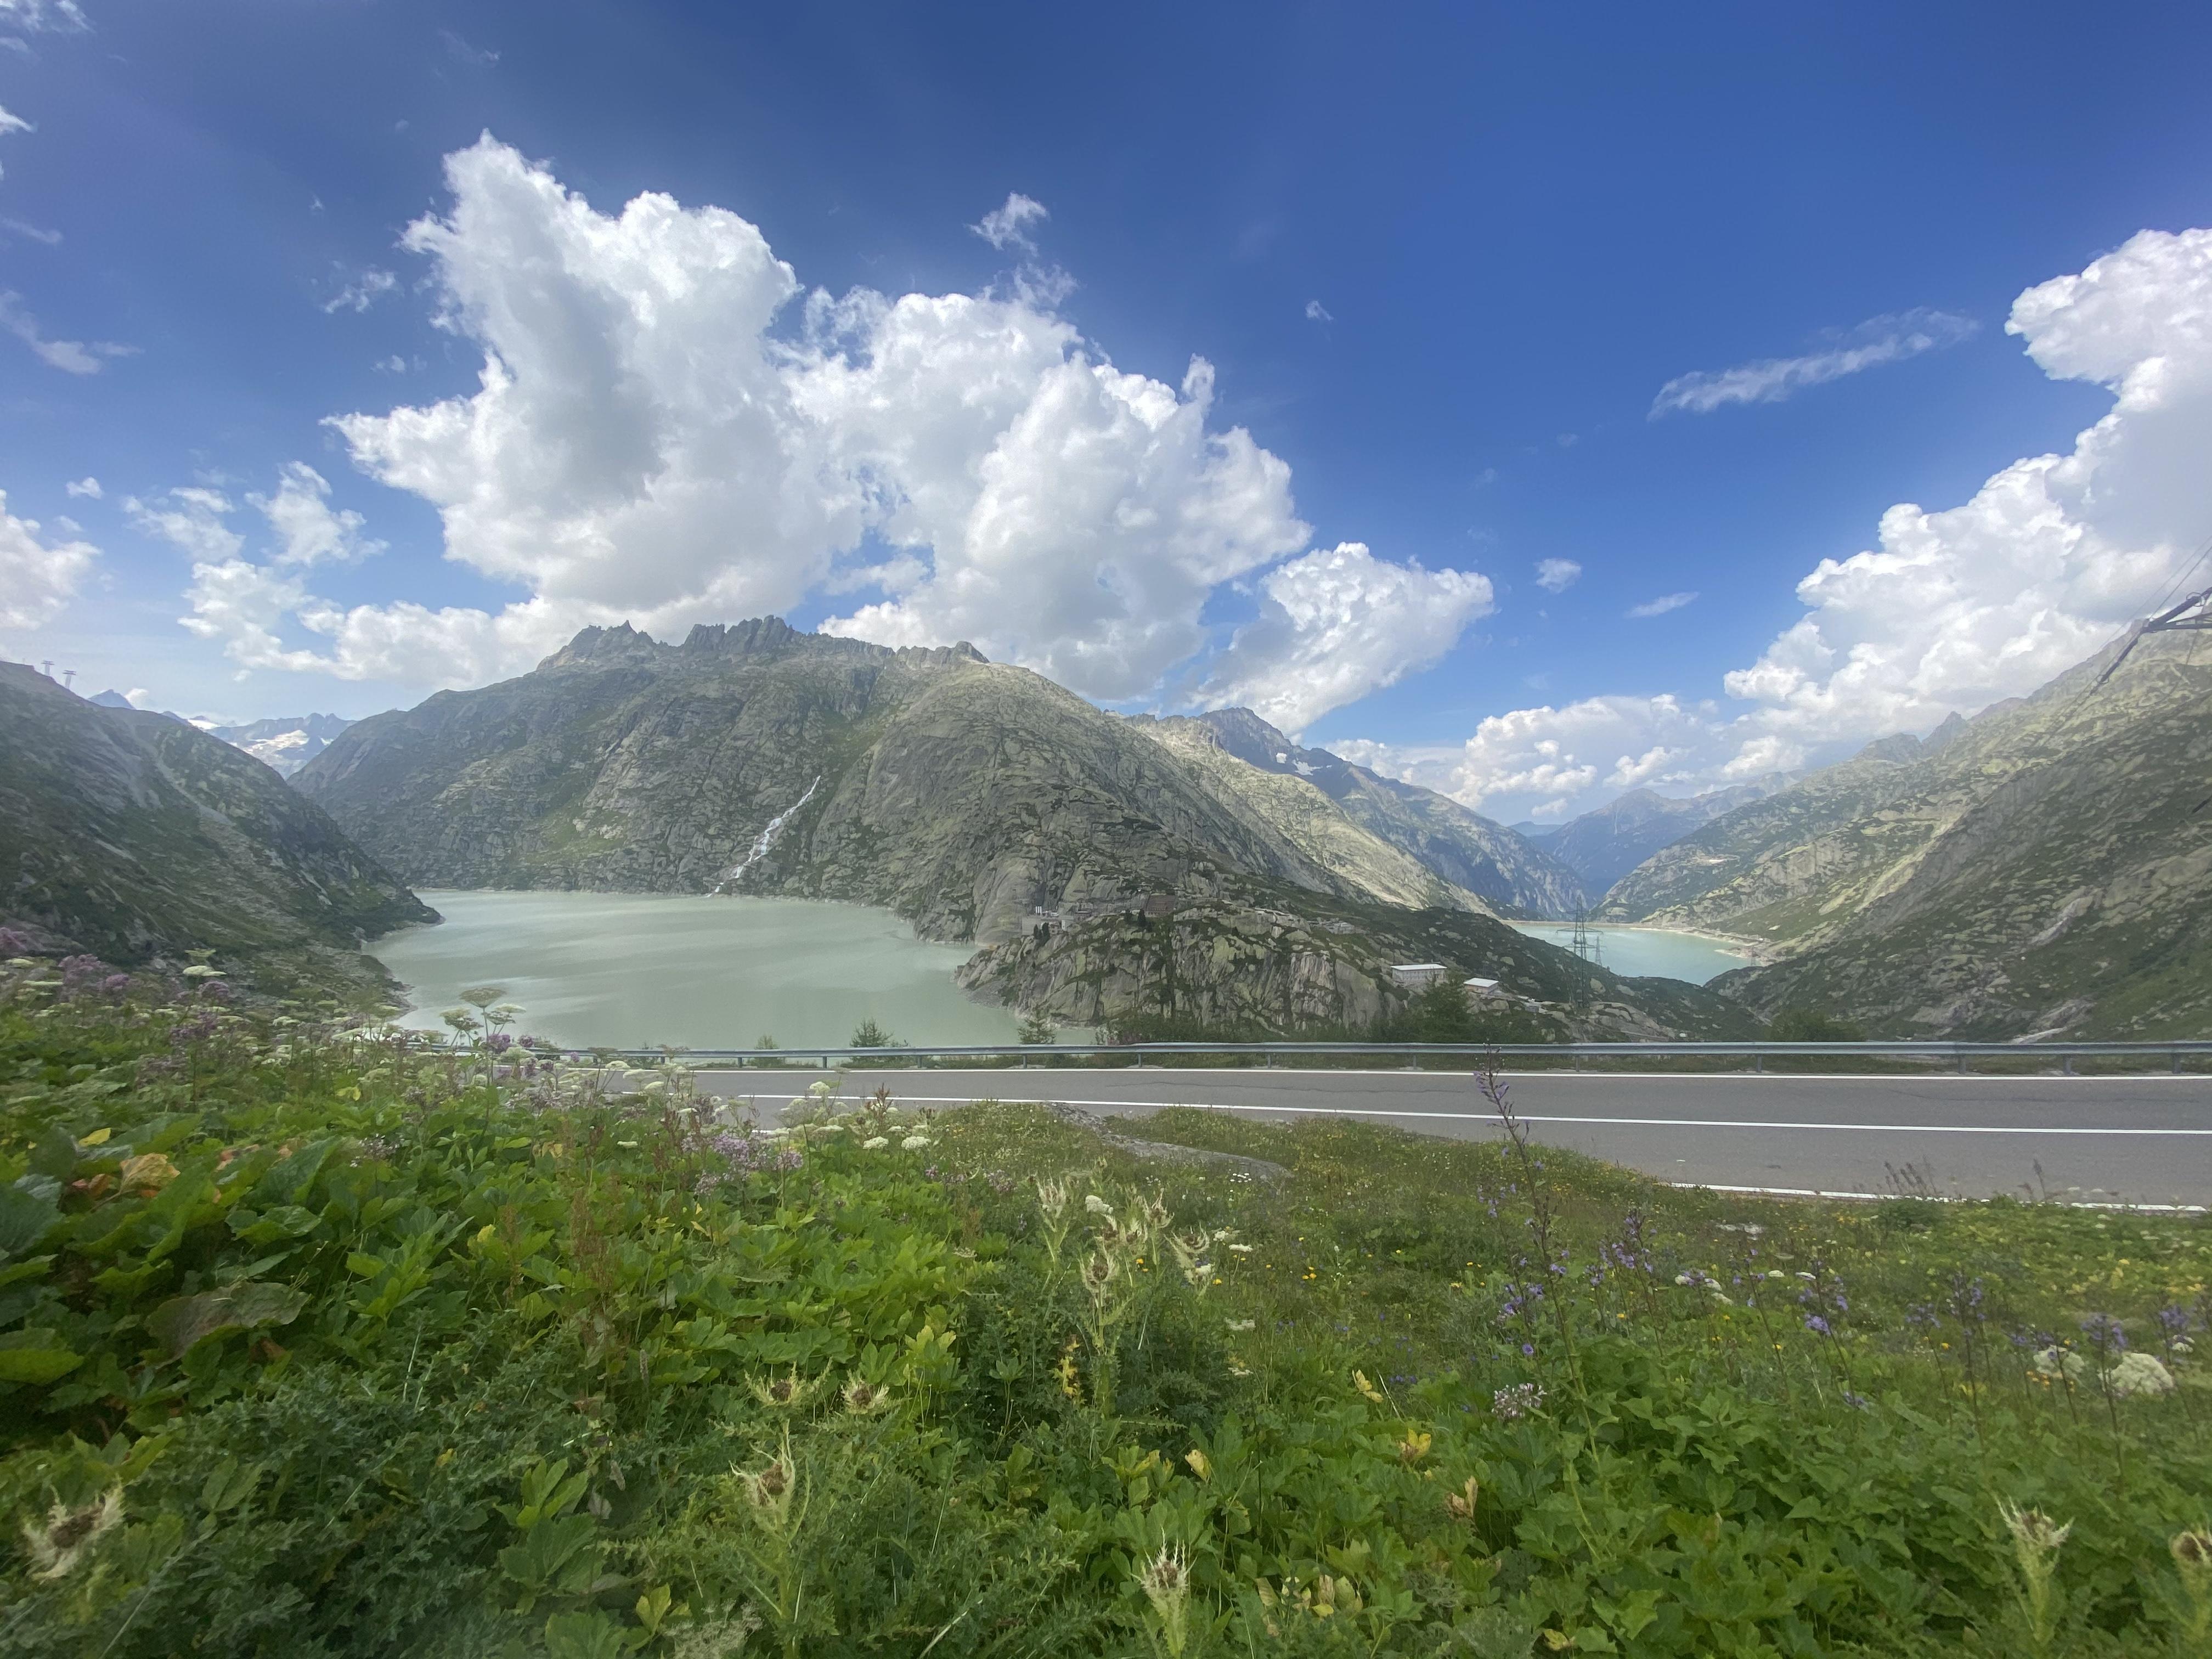 Les Alpes (et AURA en général) - Page 9 277-AD898-C13-A-4-E4-B-A618-38-AE88-E15557